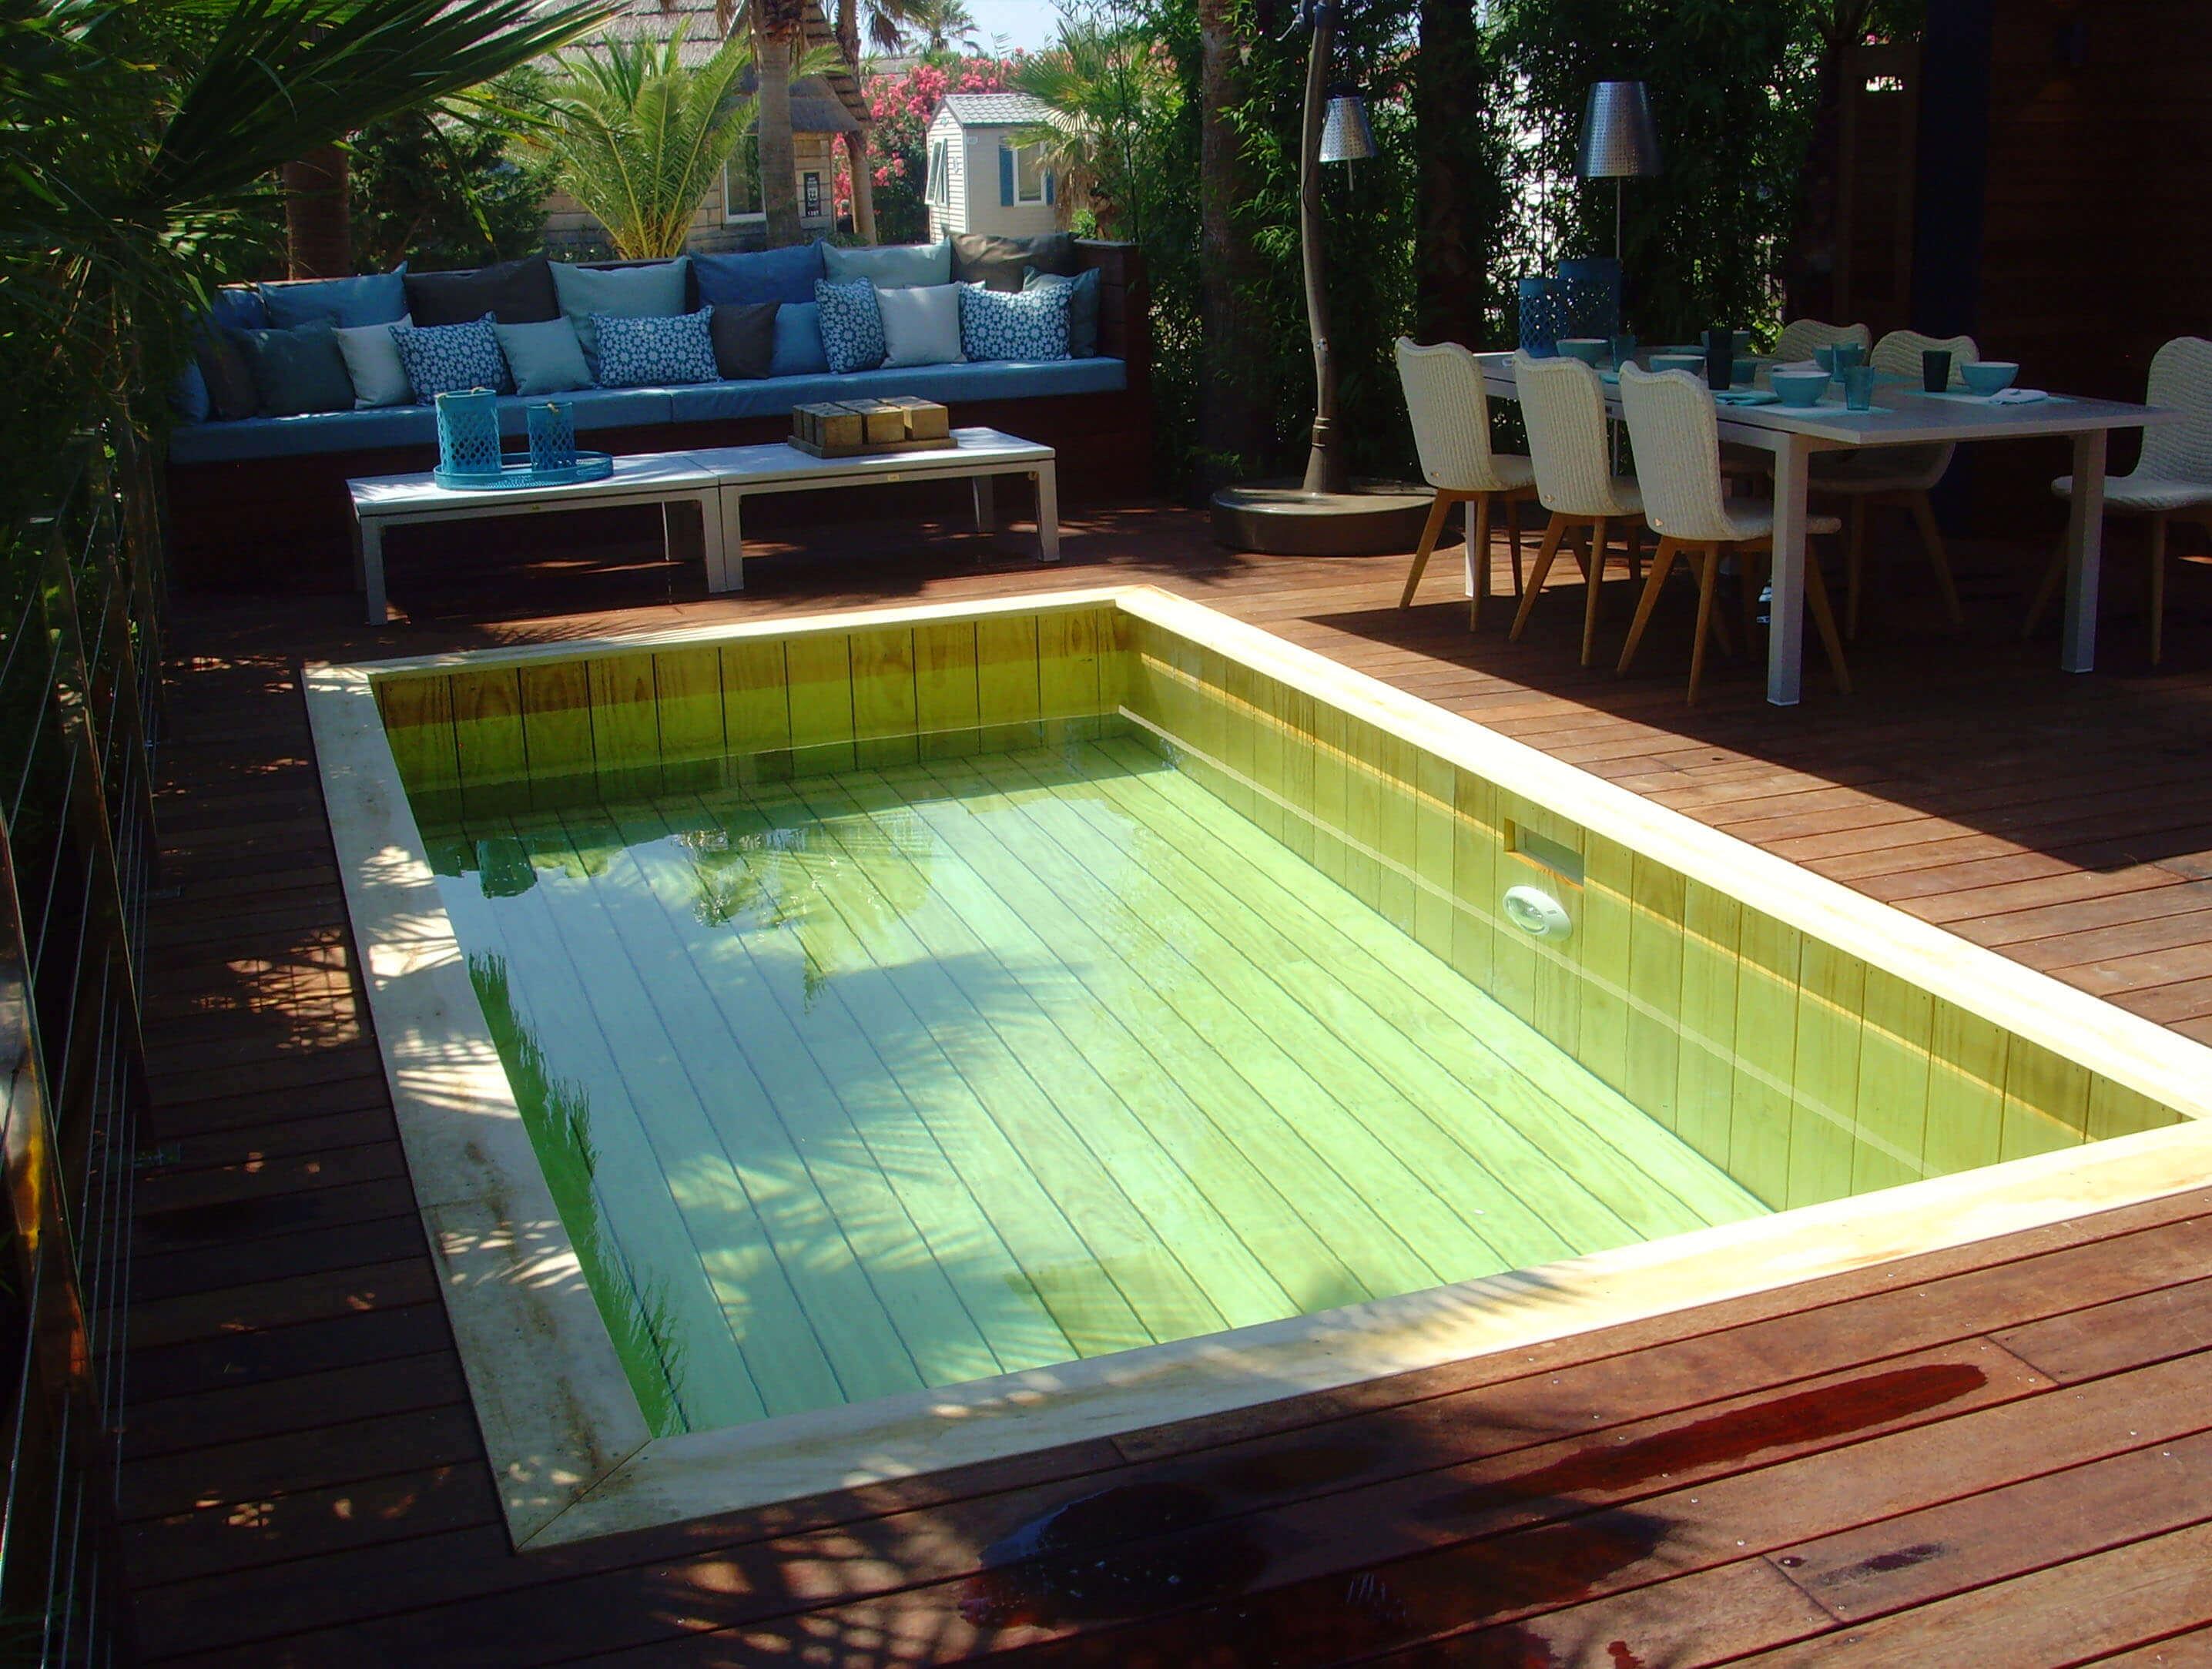 Fabricant piscine et jacuzzi spa sur mesure 100 bois - Piscine semi interieur exterieur ...